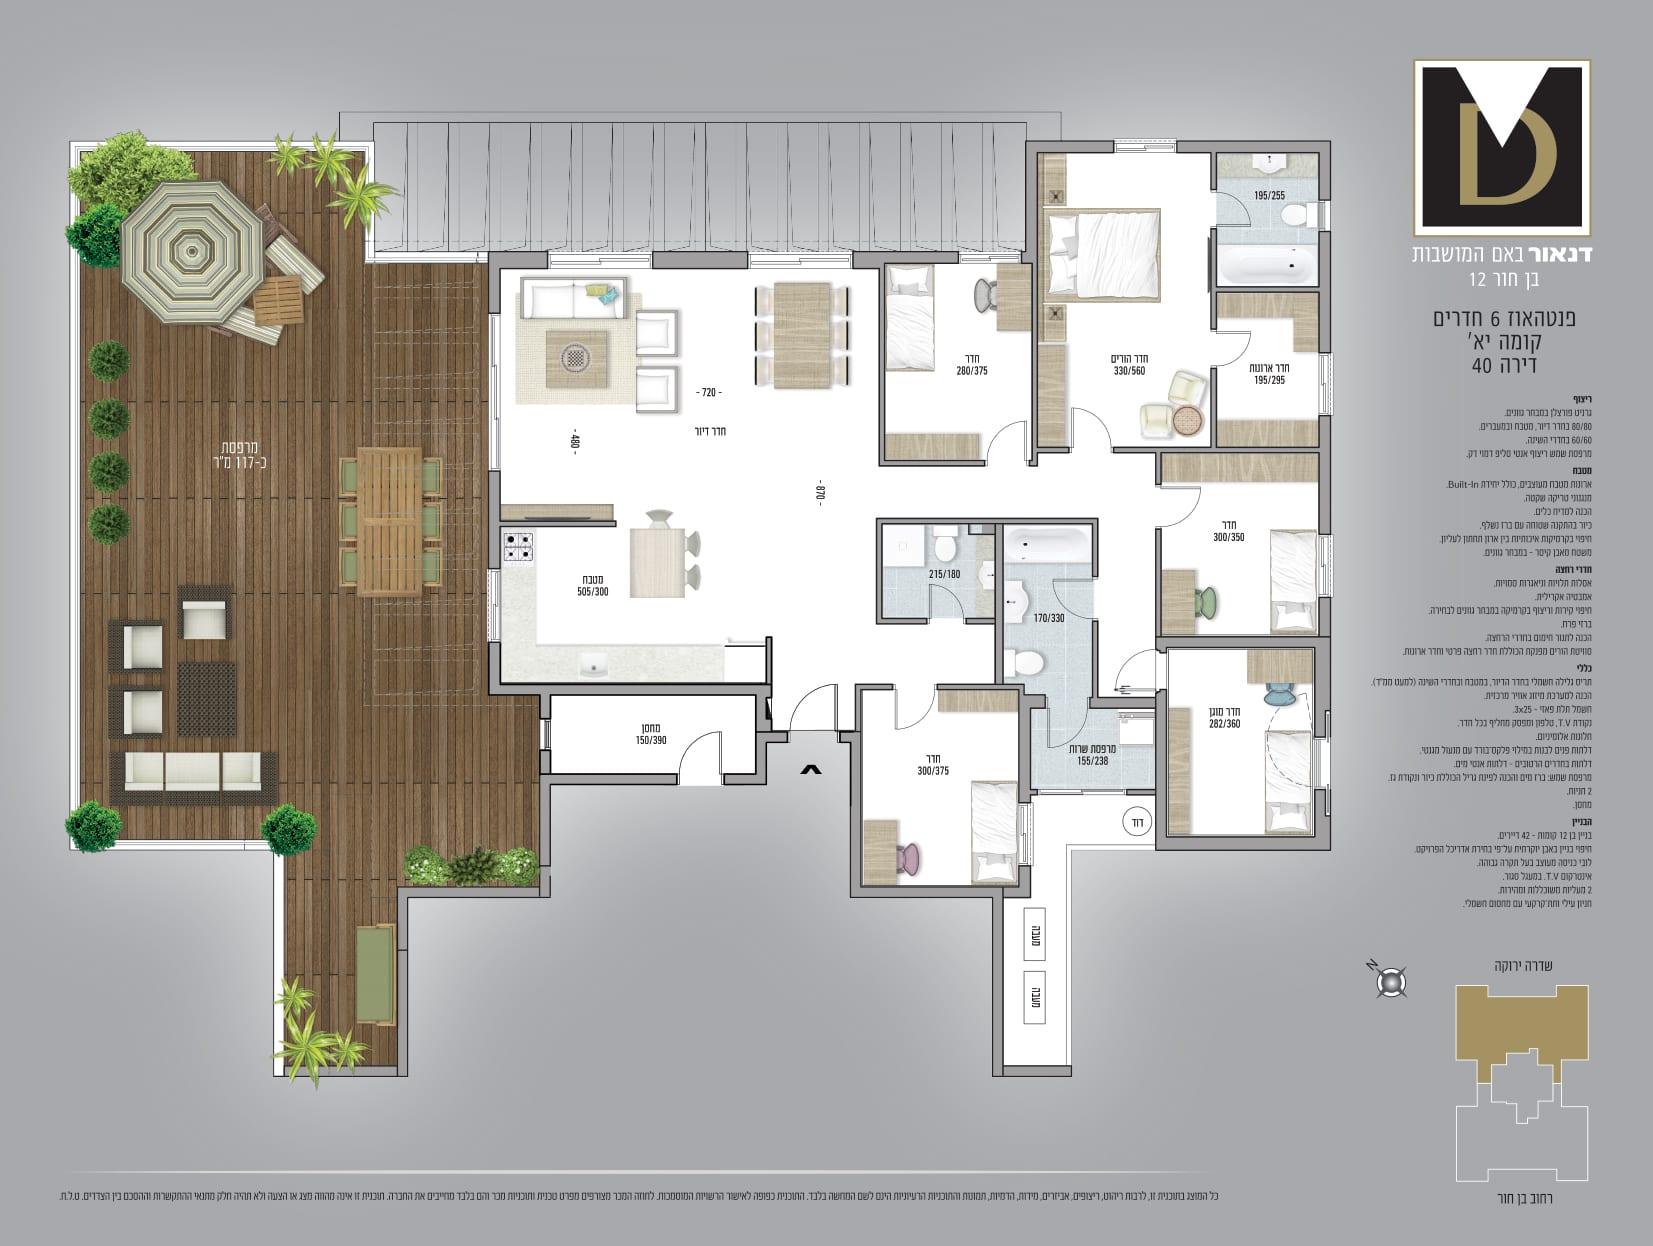 פנטהאוז 6 חדרים, קומה 11, דירה 40